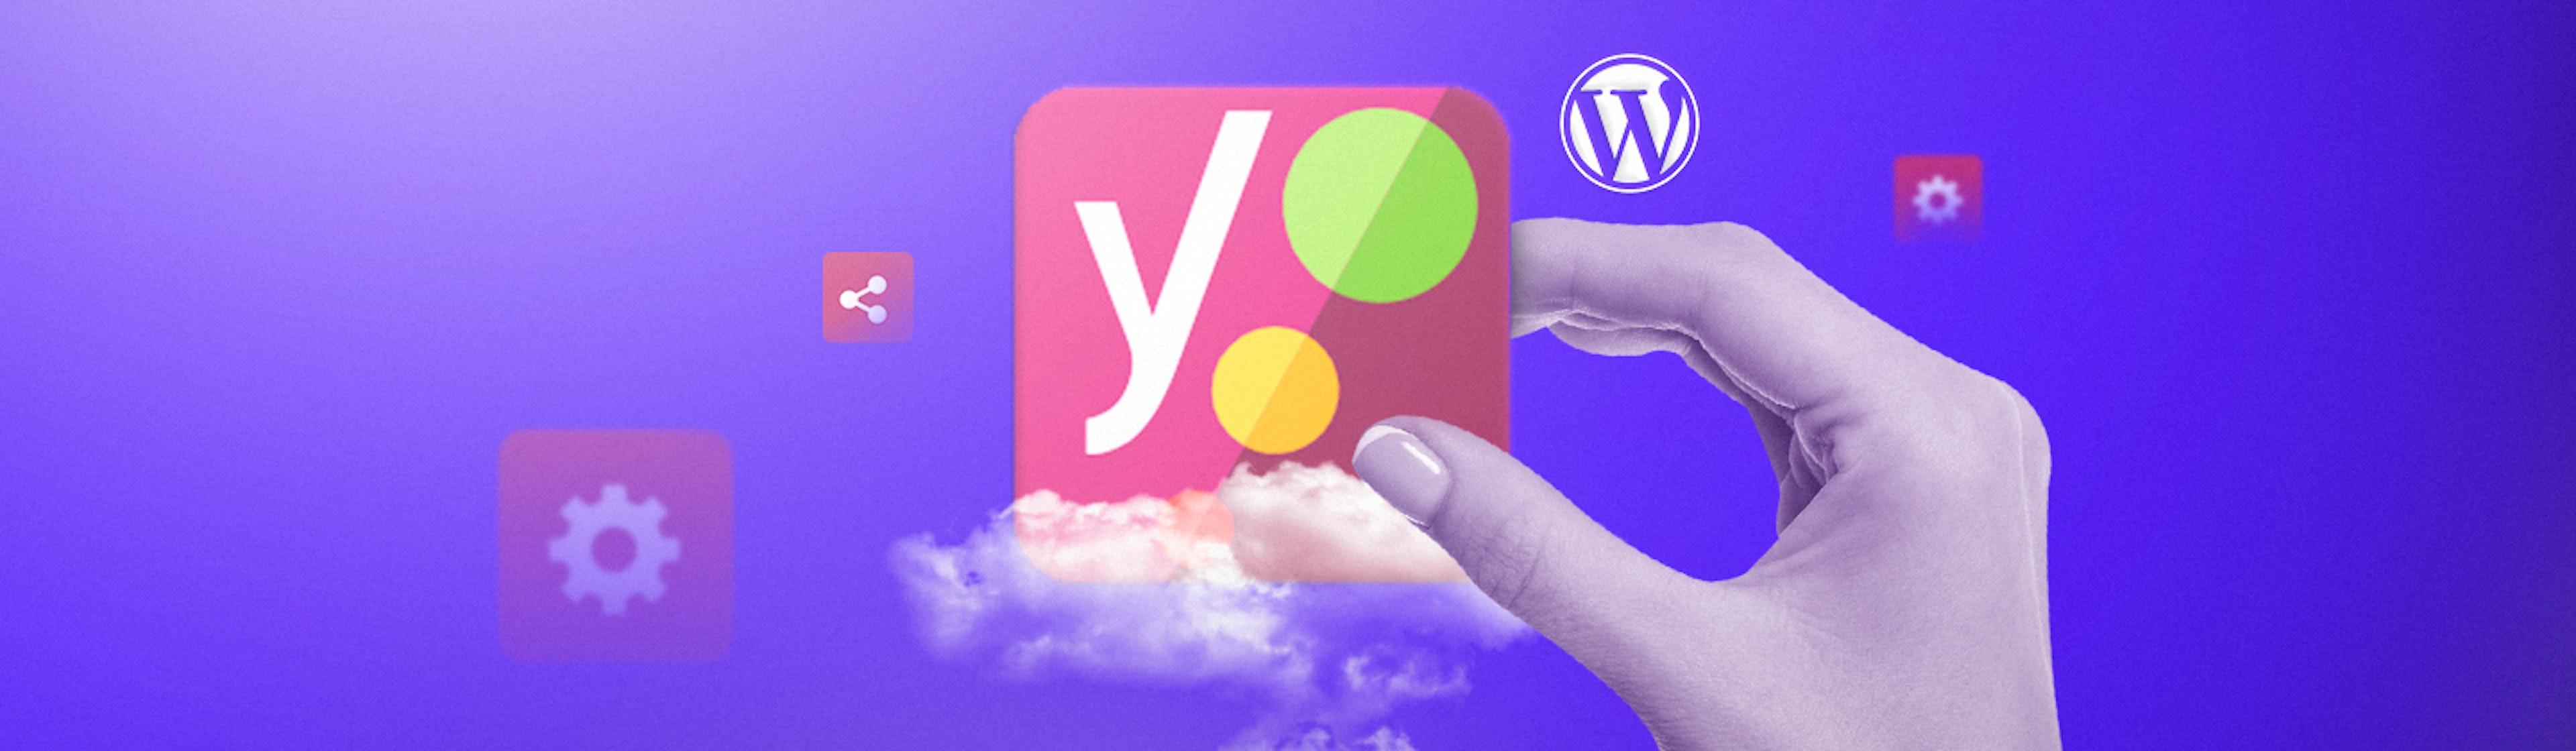 Resultados orgánicos o de pago, ¿por qué hacer uso del Yoast SEO de wordpress?